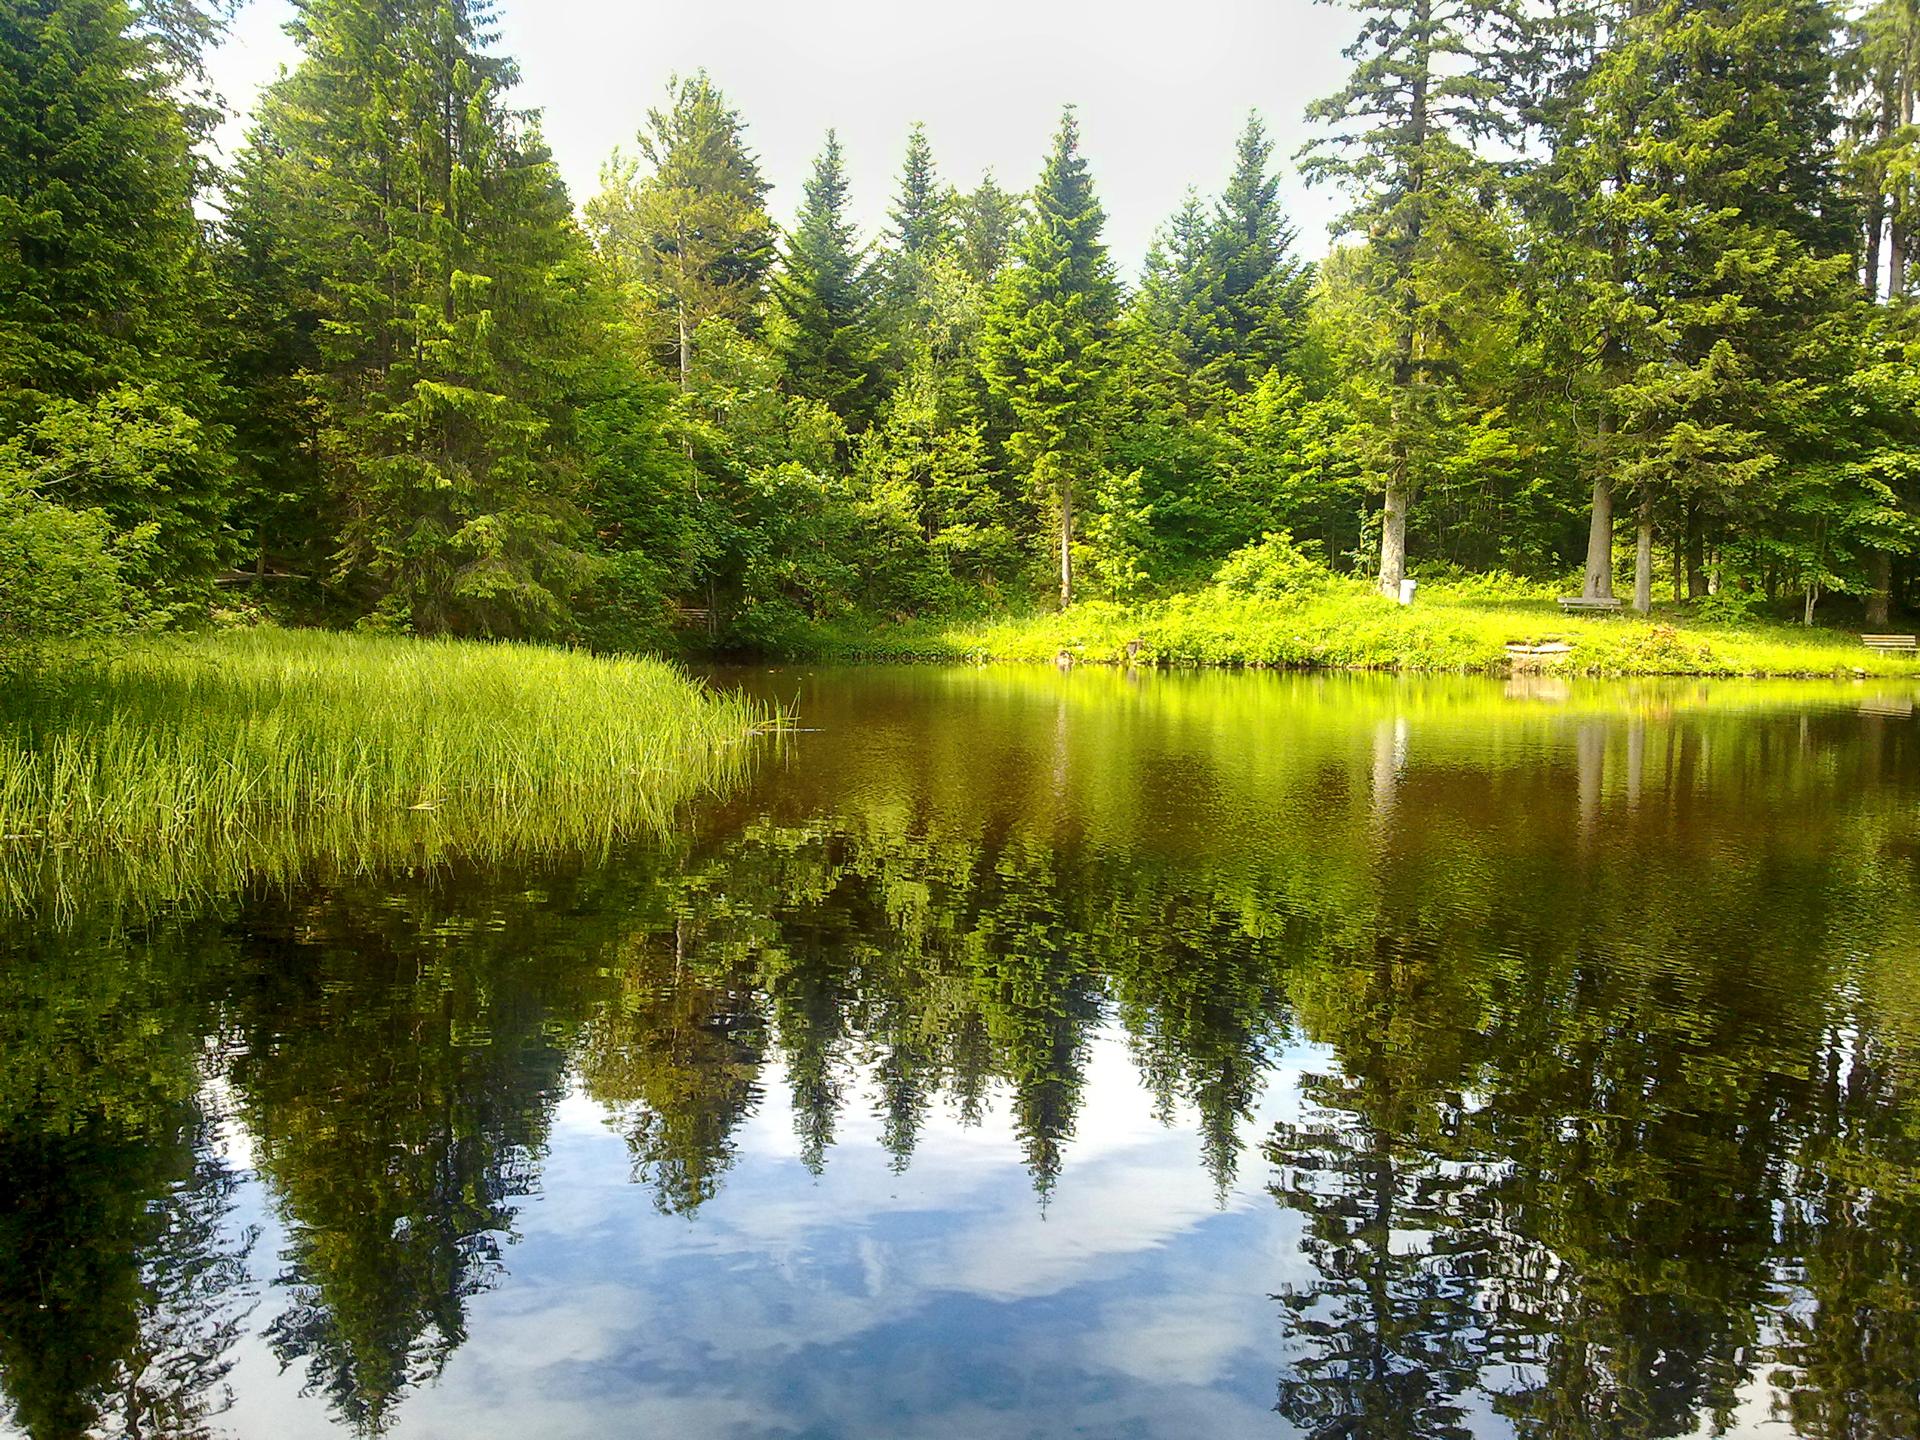 Лес озеро деревья  № 2404449 загрузить